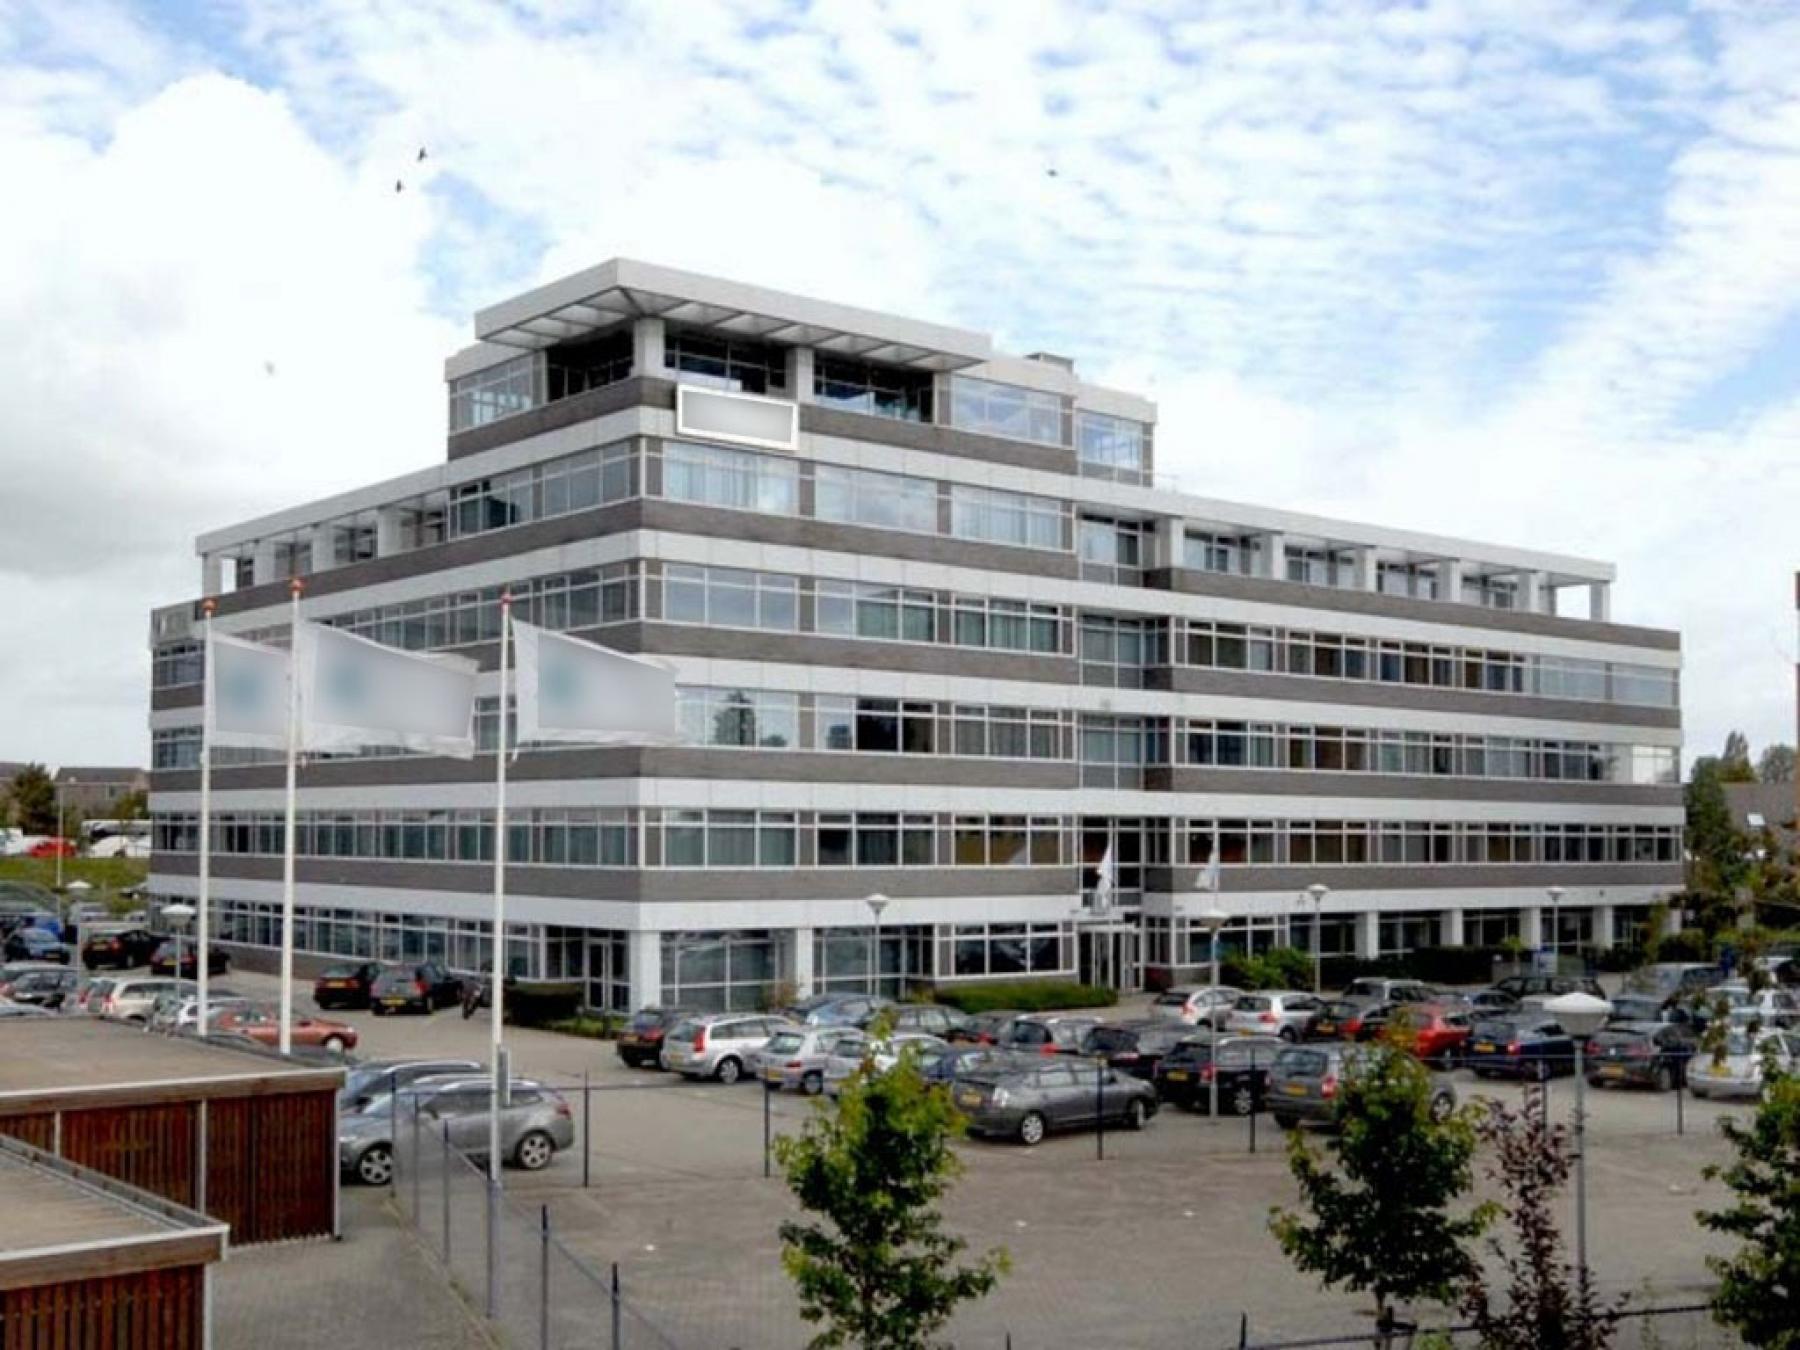 buitenzijde parkeerplaats kantoorgebouw huren skepp